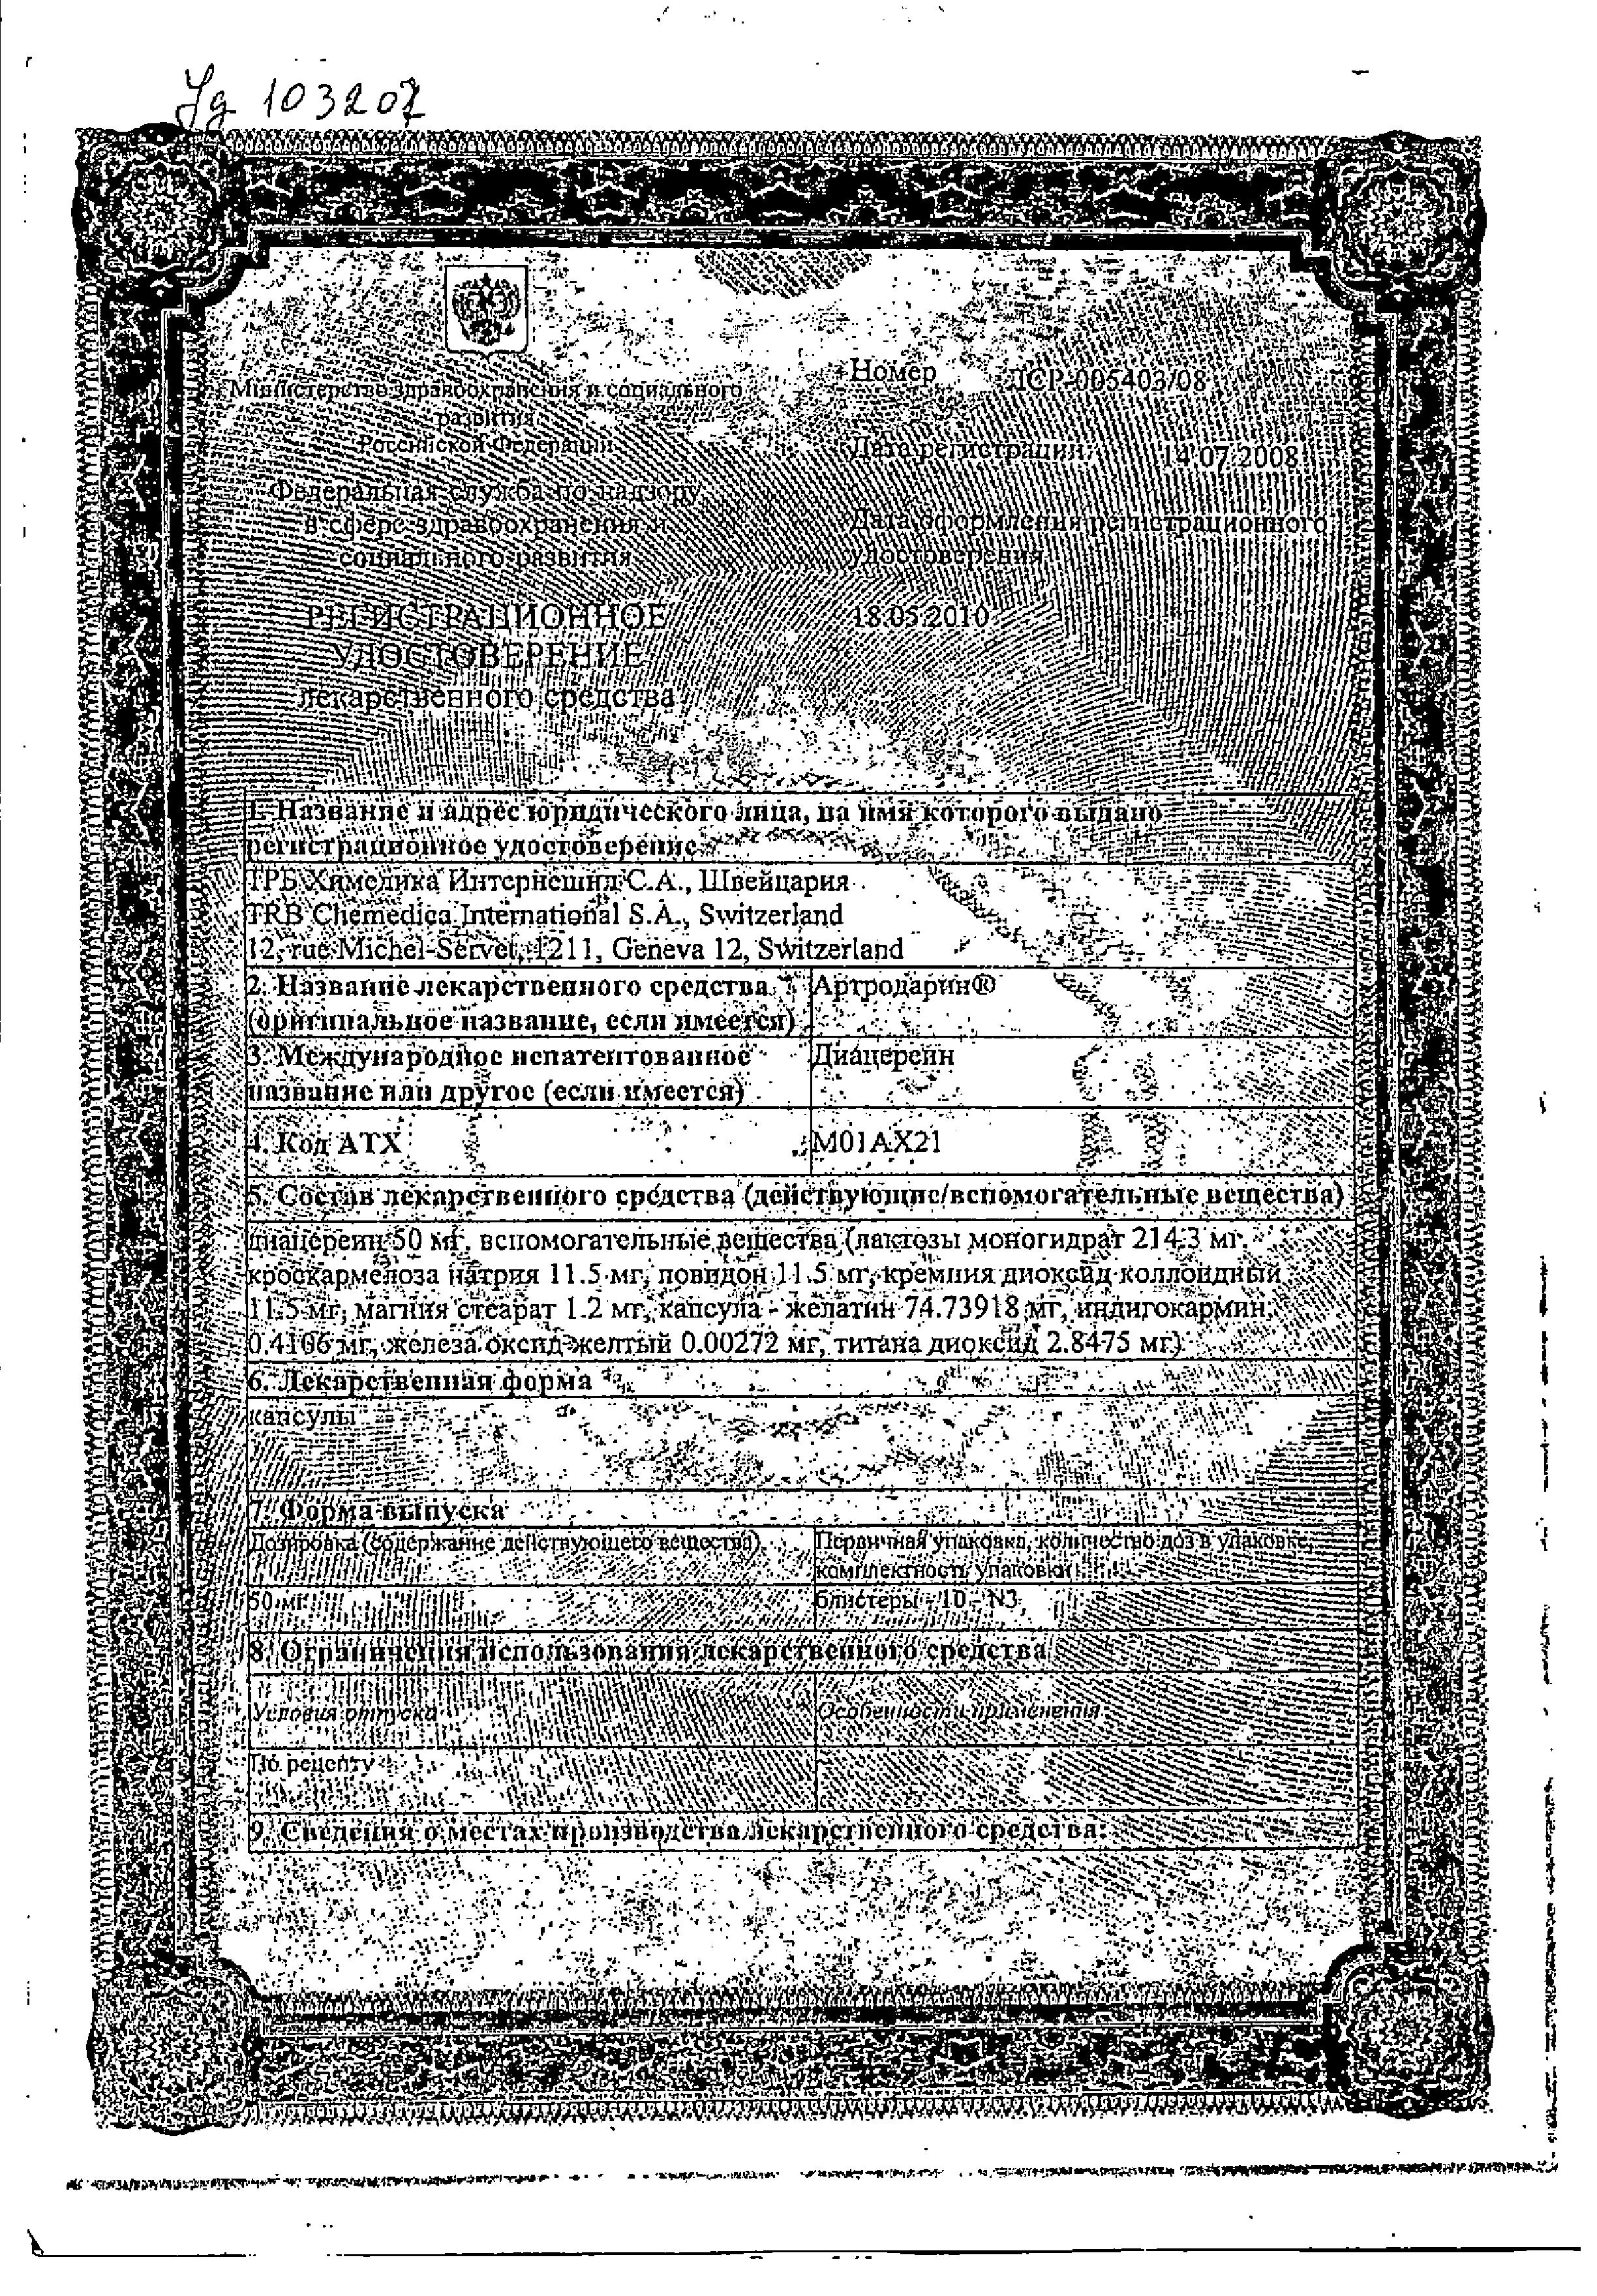 Артродарин сертификат